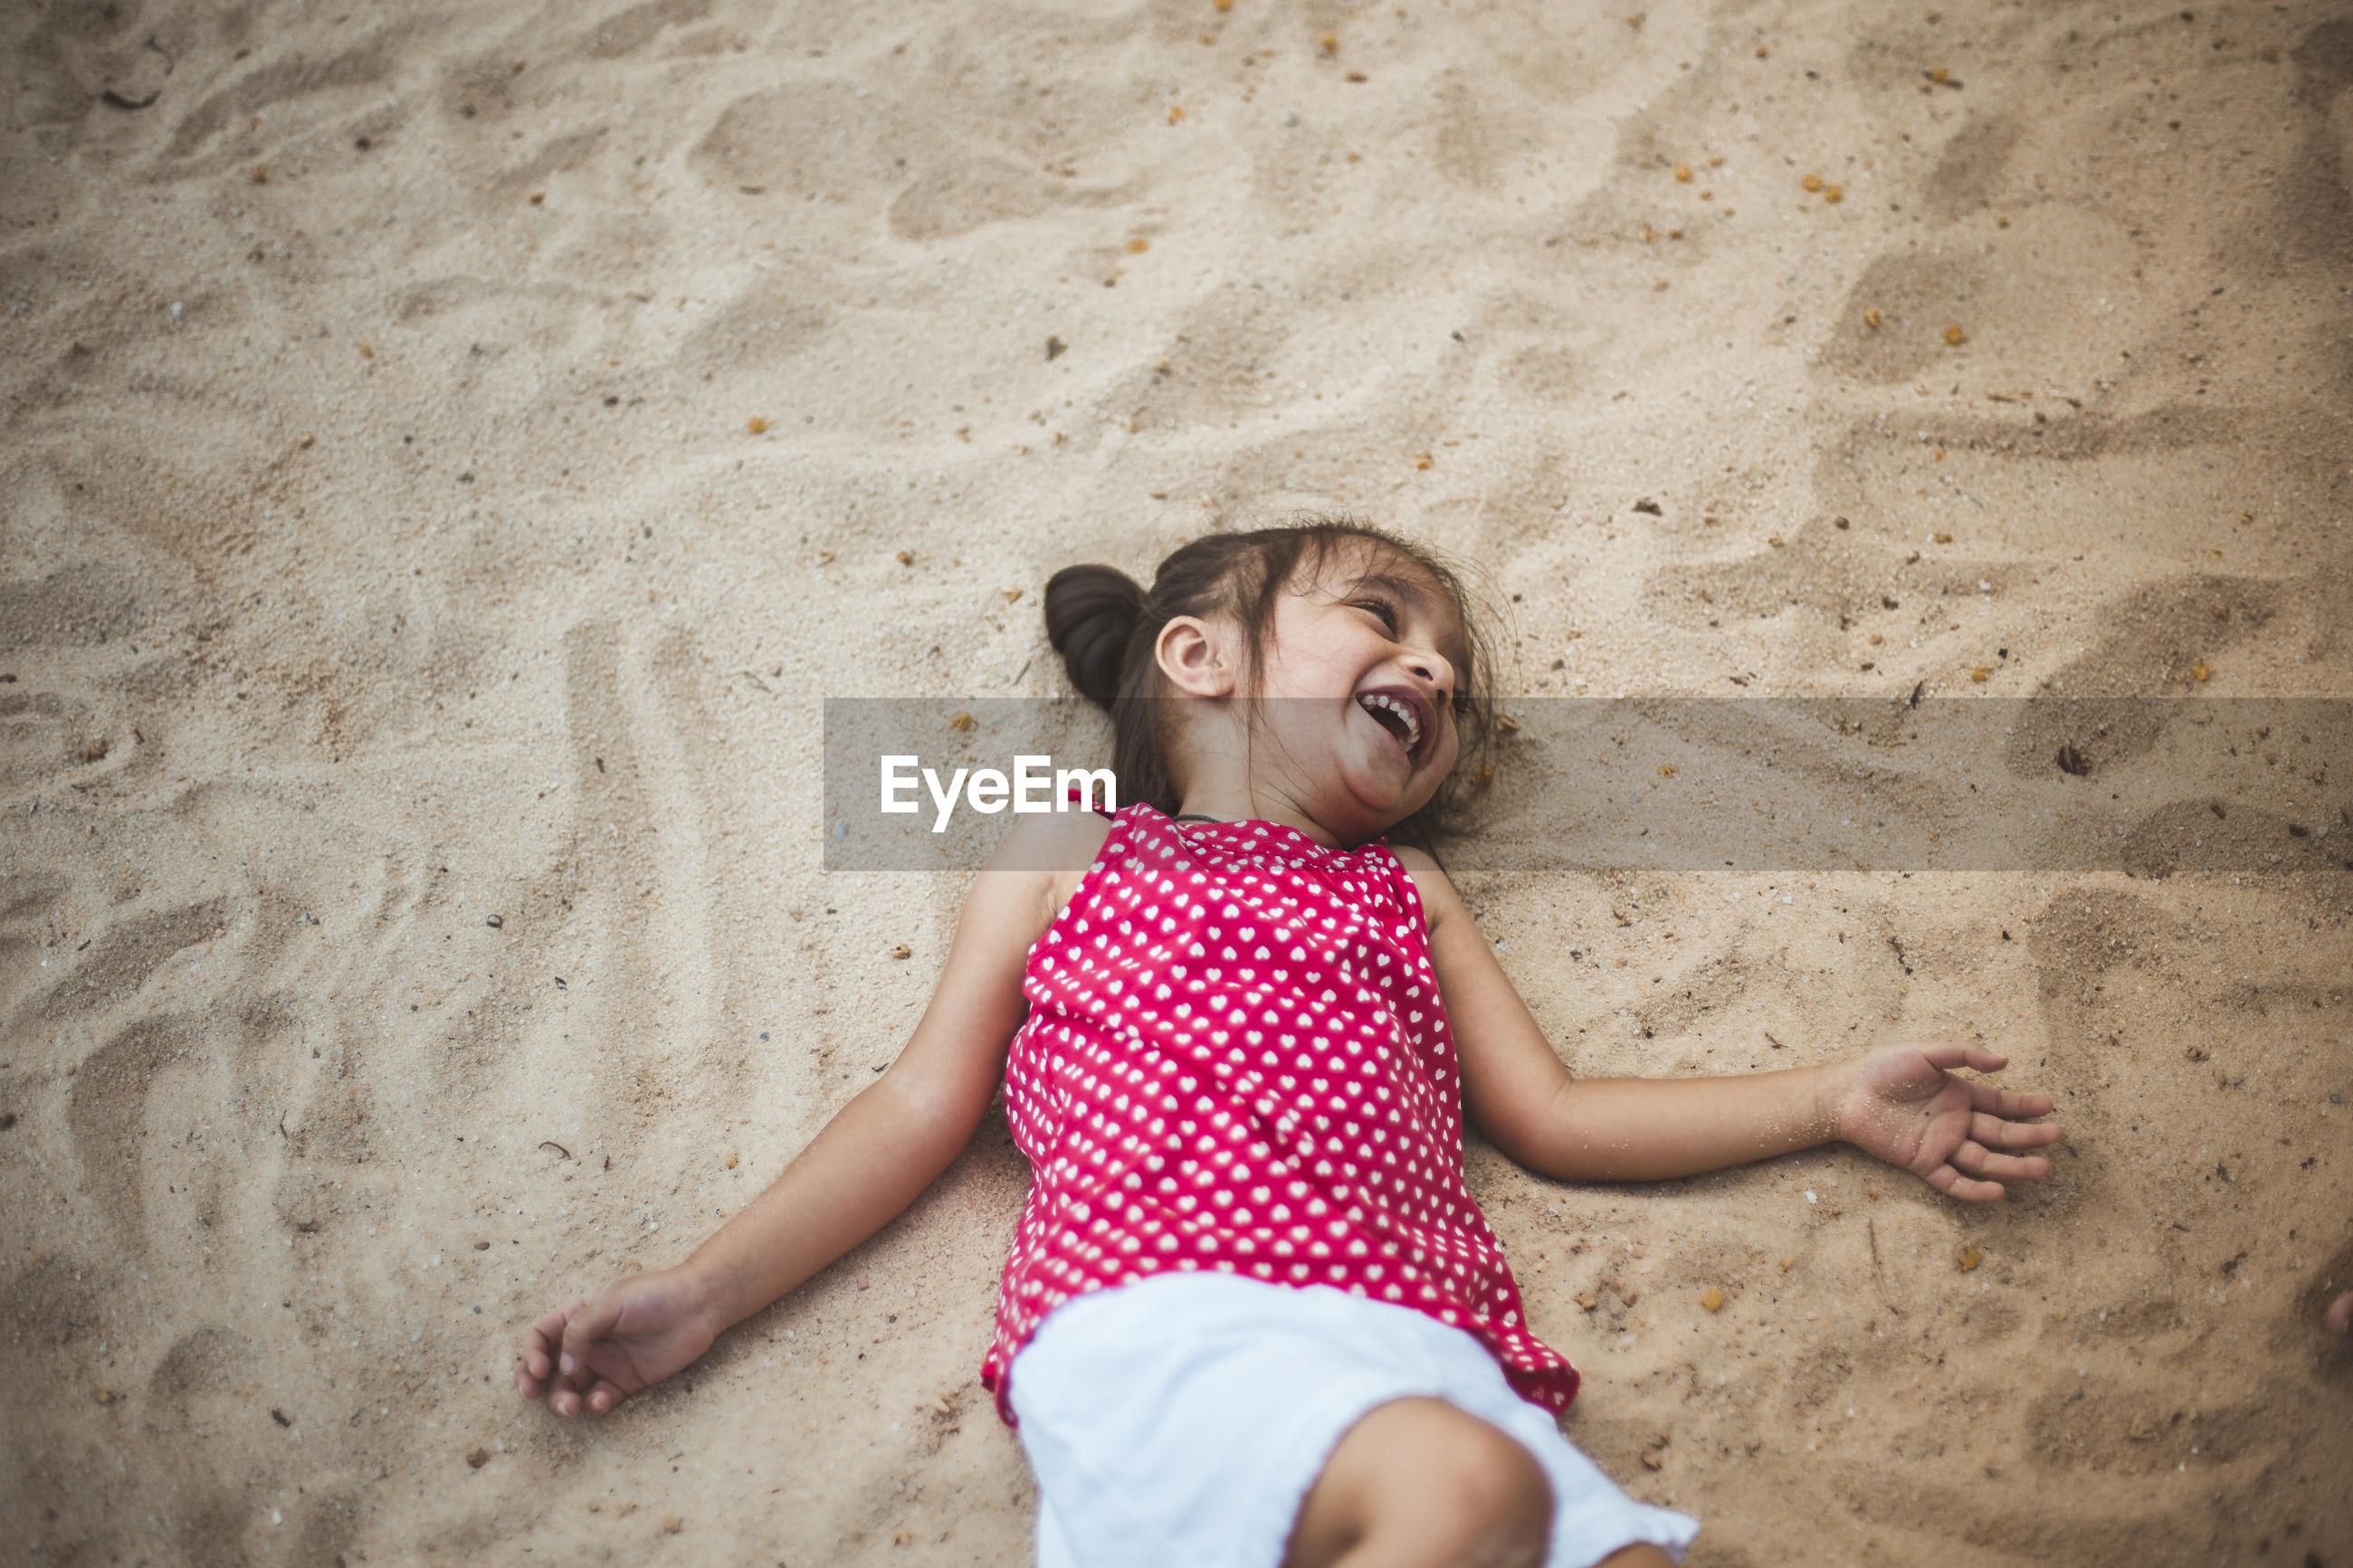 High angle view of girl lying on sand